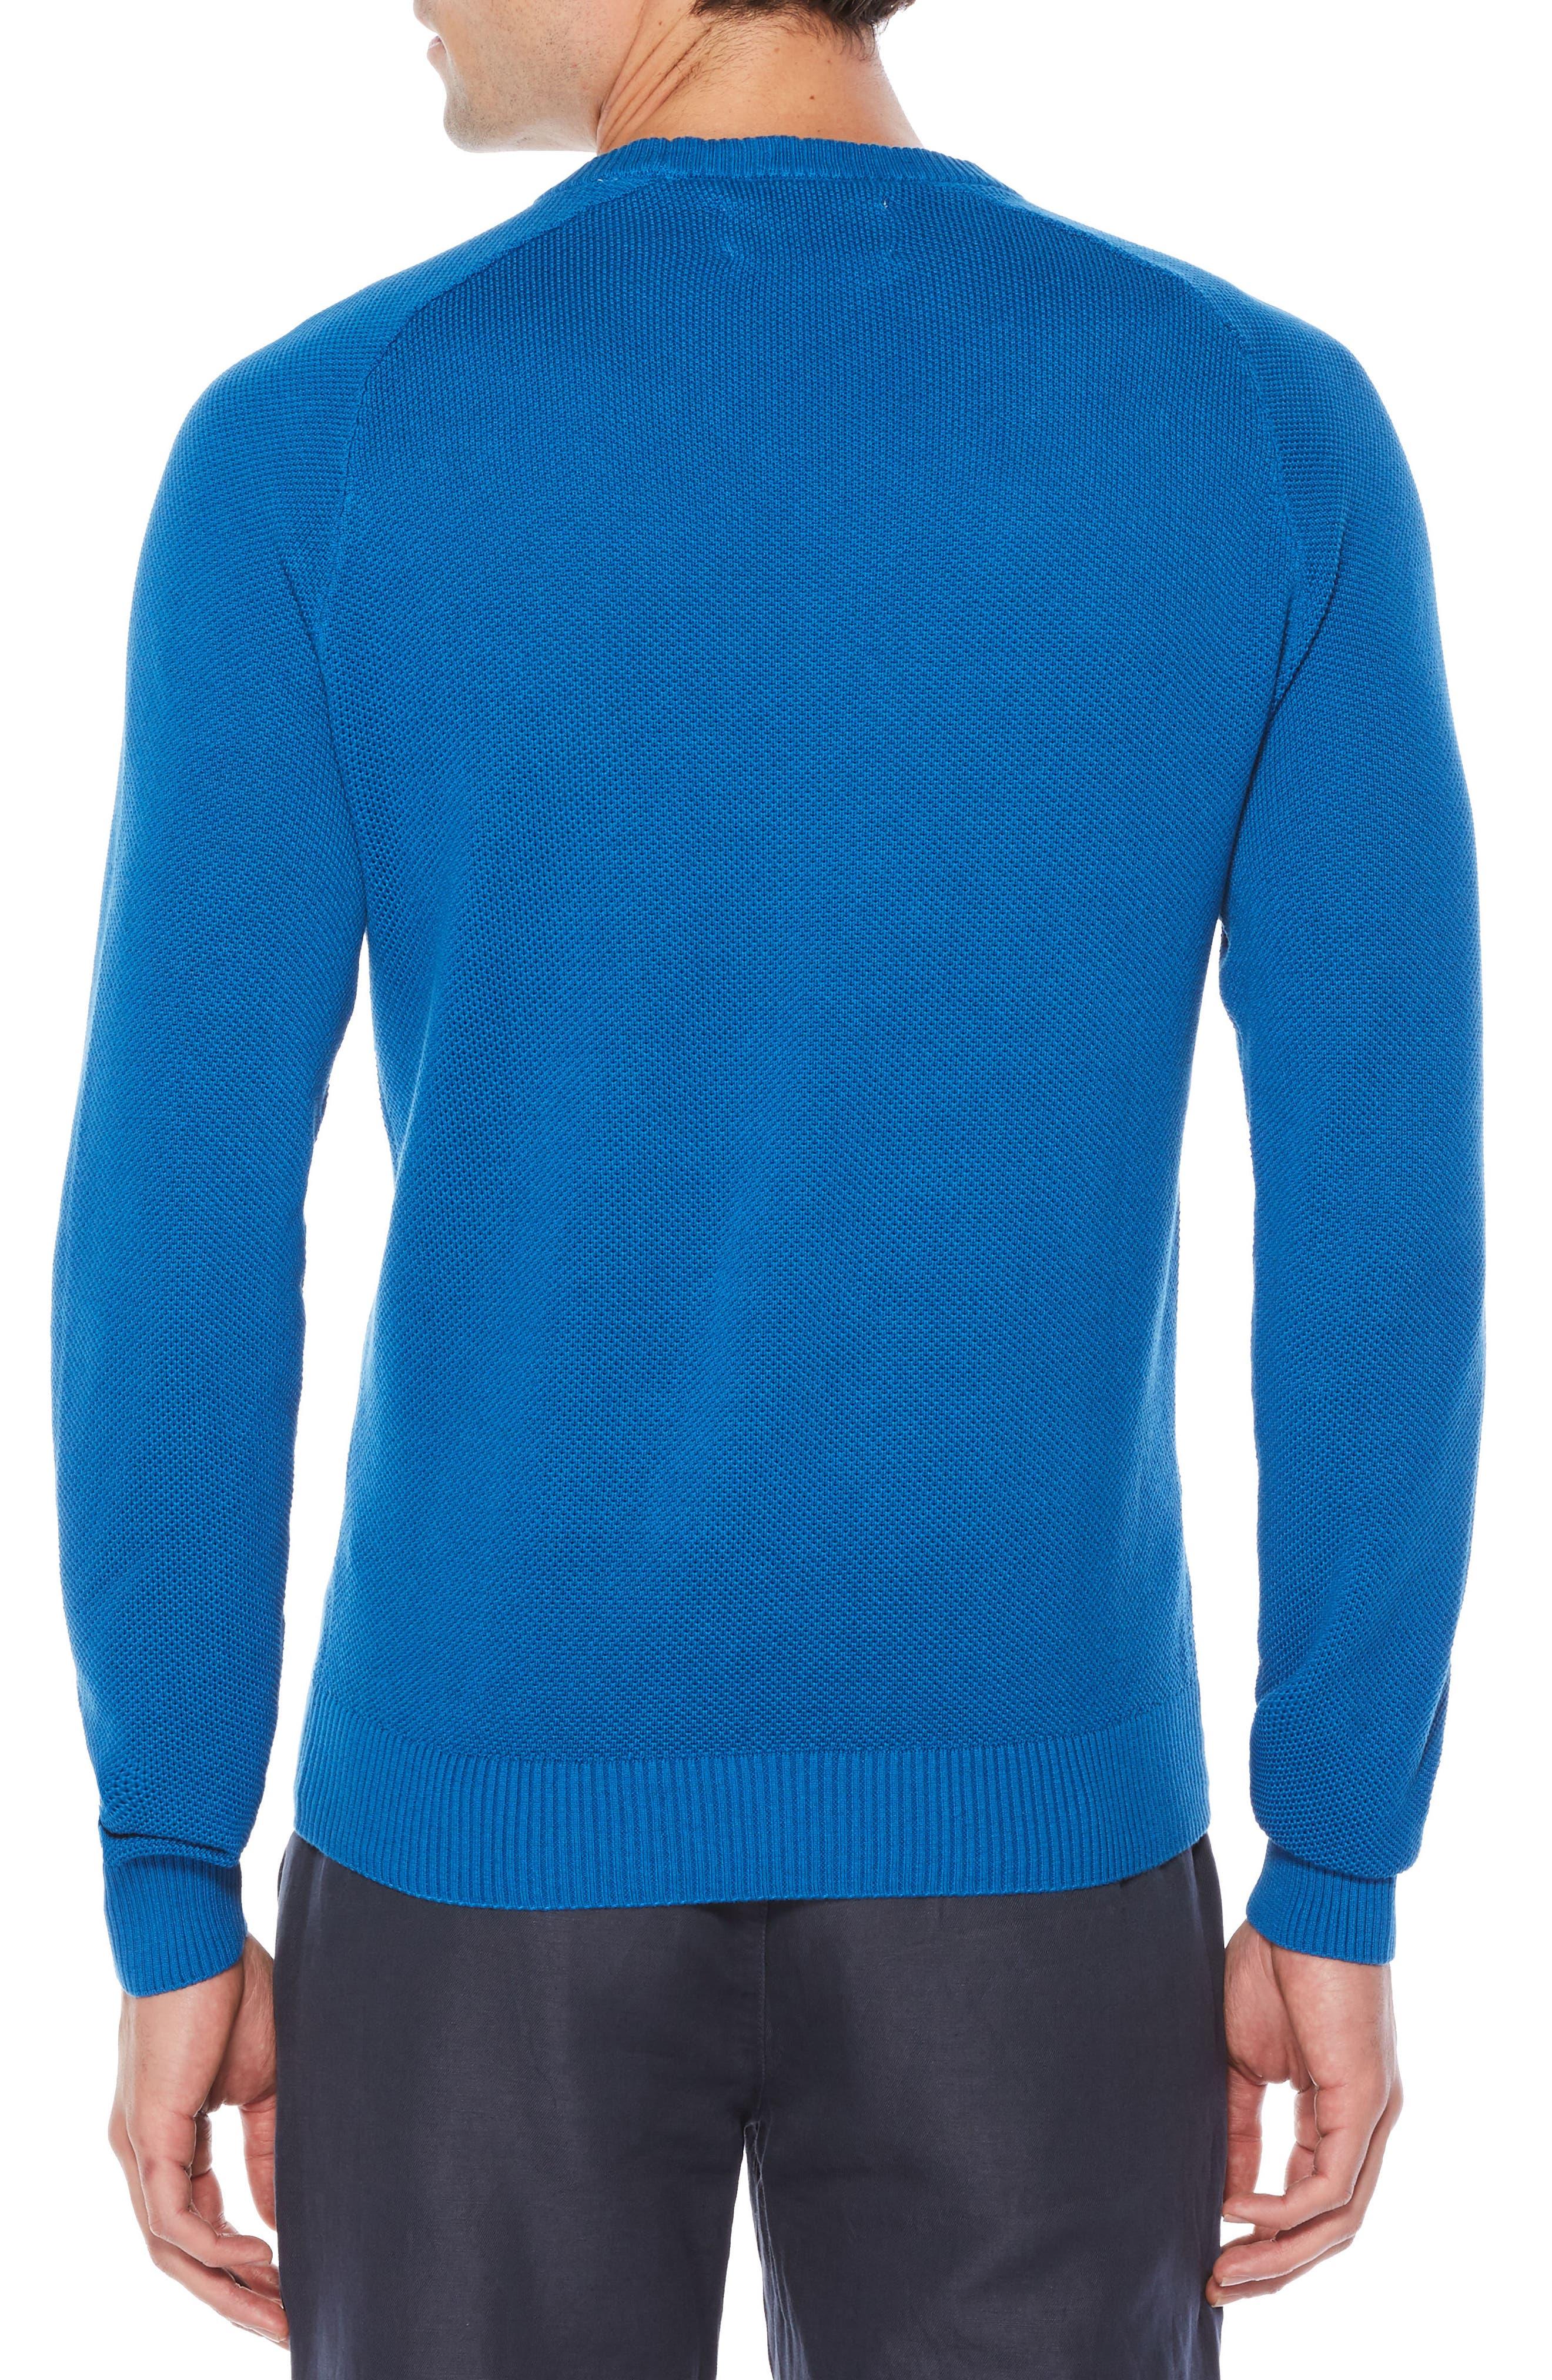 Alternate Image 2  - Original Penguin Honeycomb Piqué Sweater